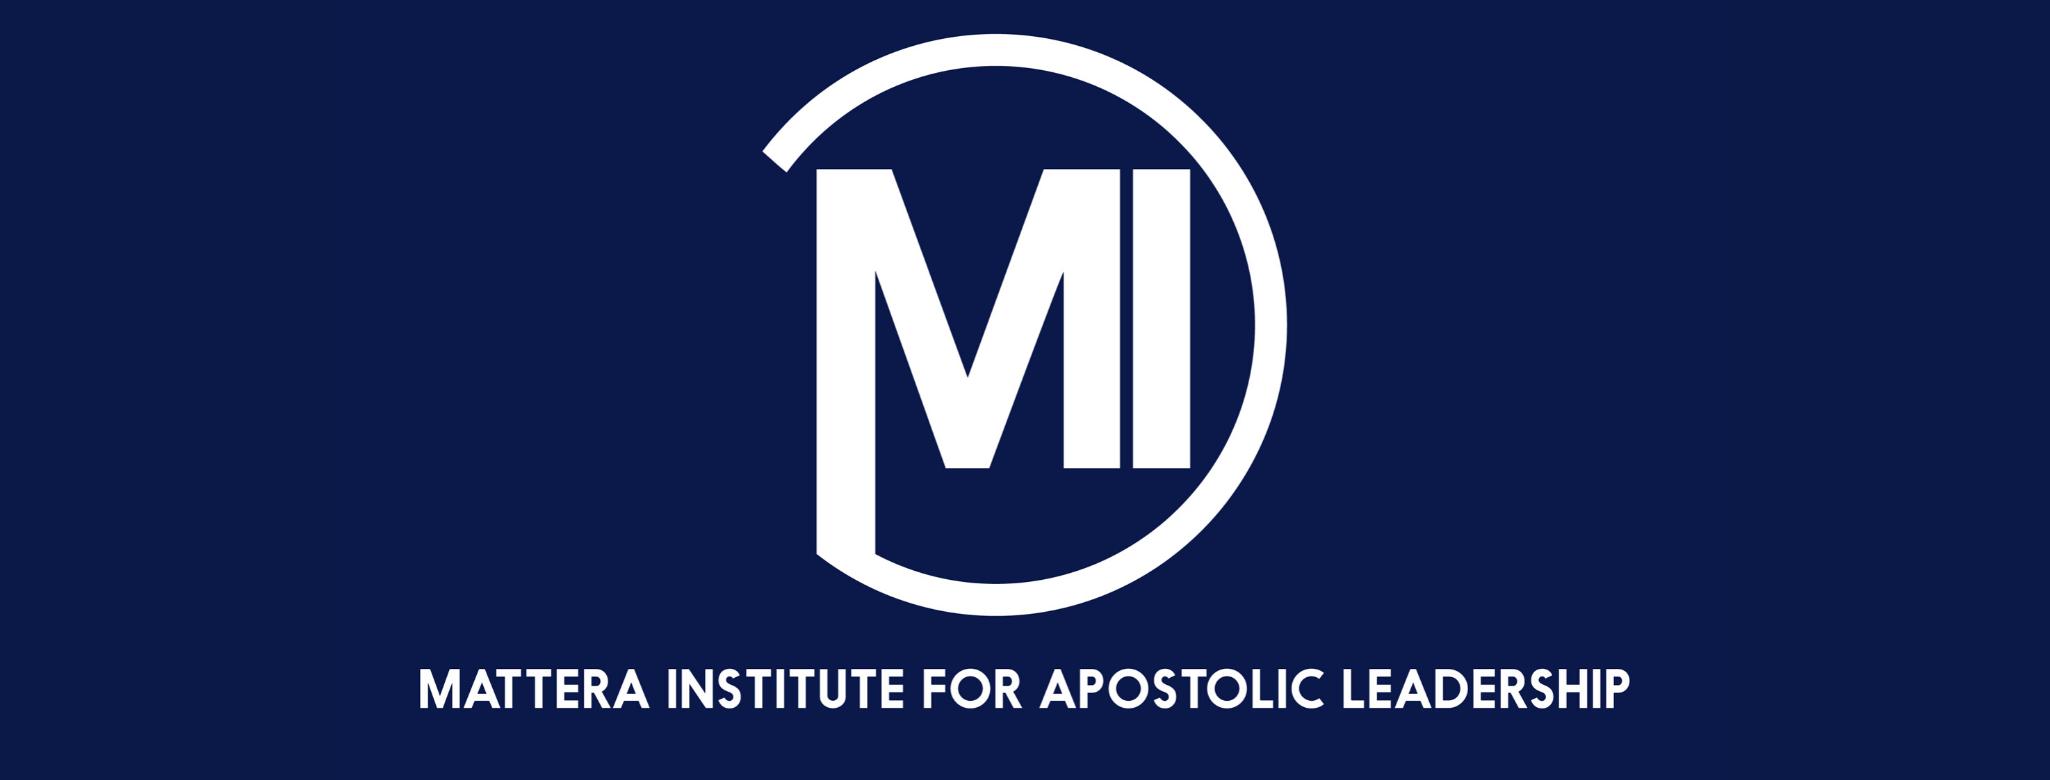 Mattera Institute